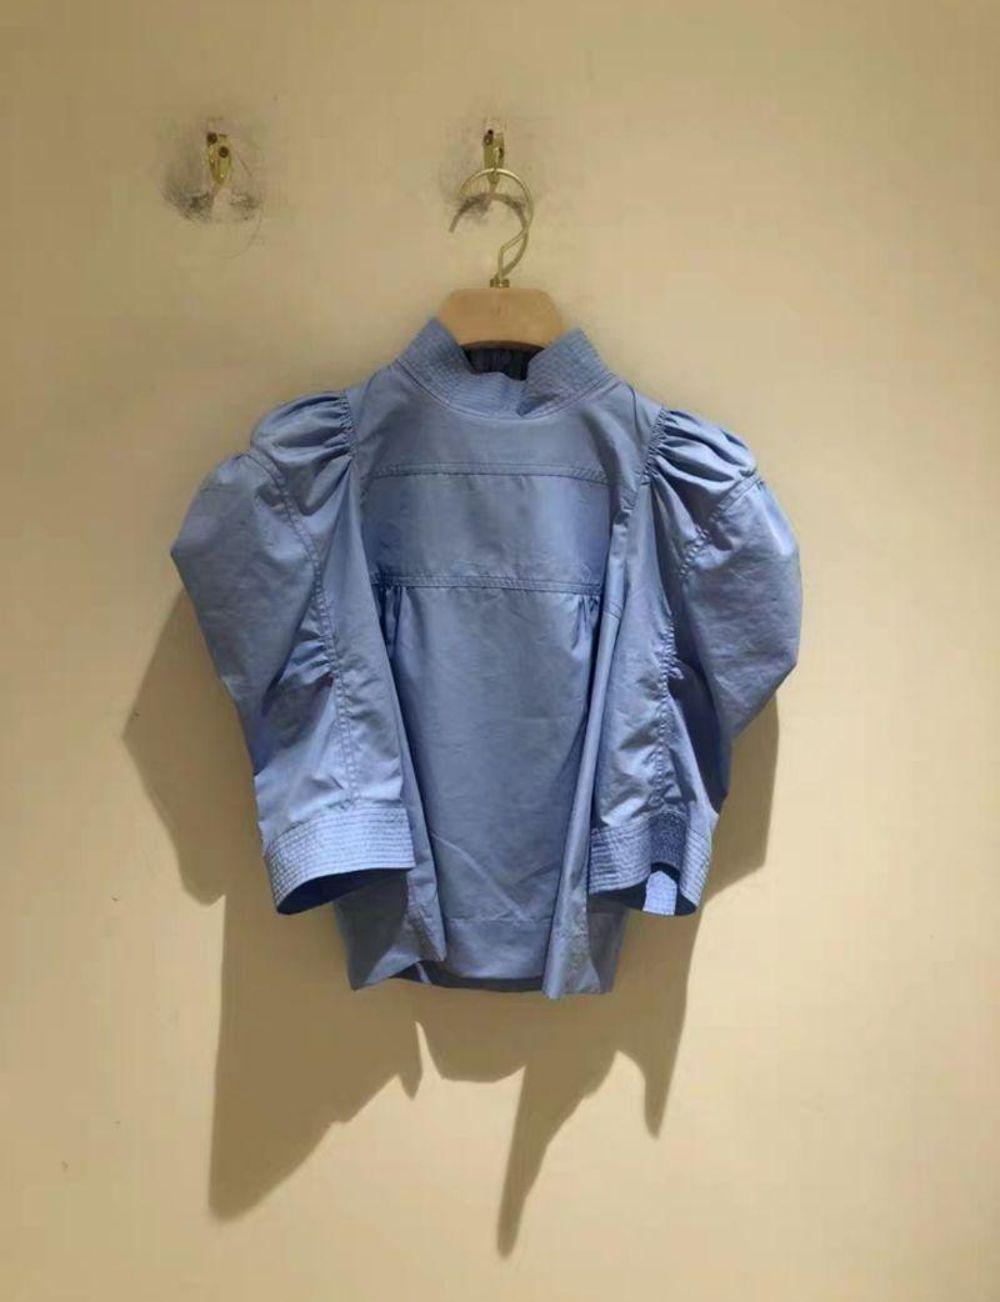 克洛伊 2折 Chloe 女士蓝色小立领蓬蓬袖上衣 2450